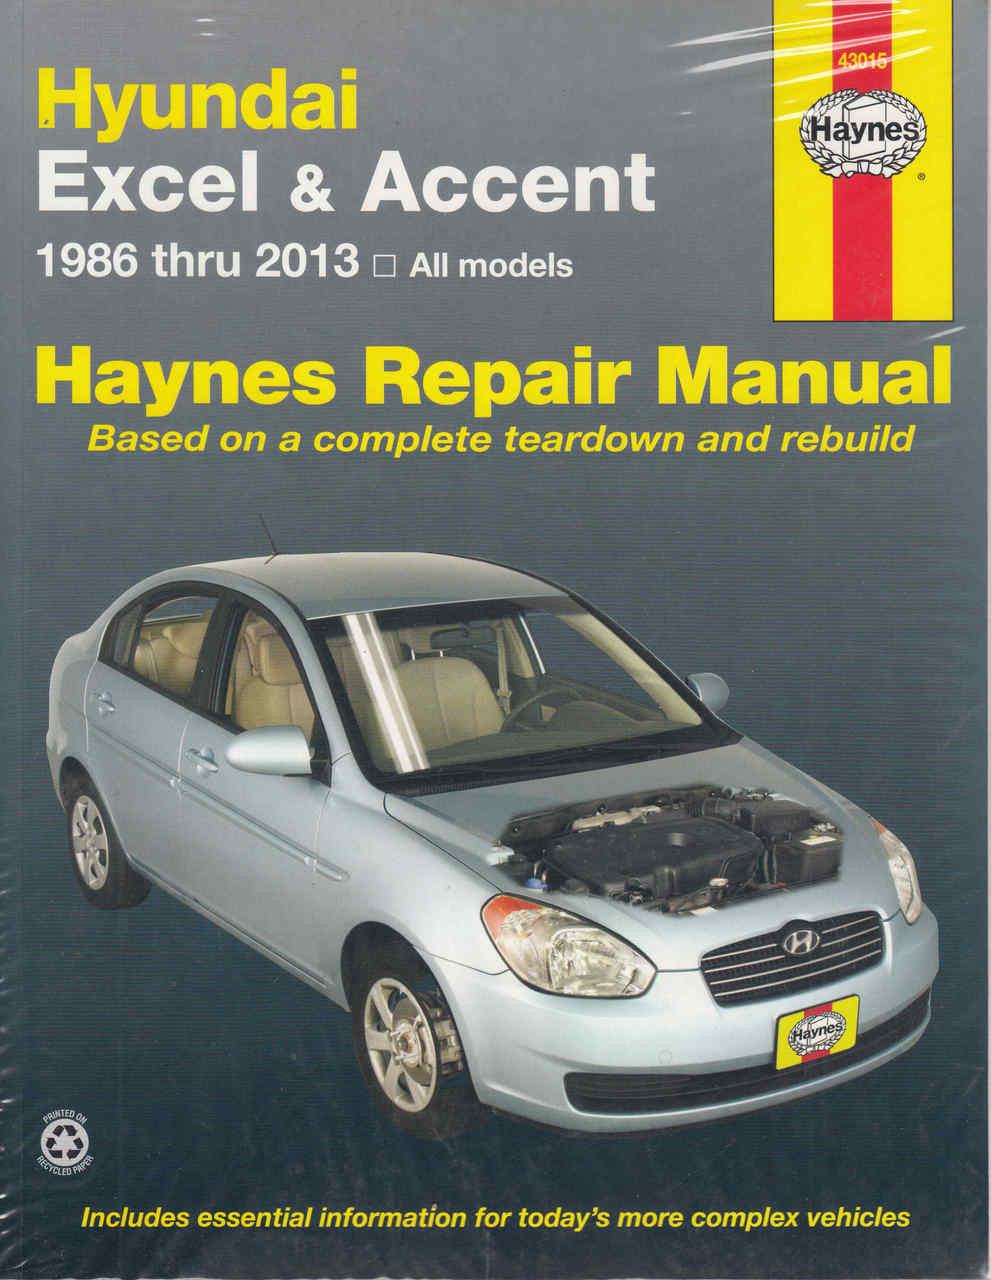 buy hyundai excel accent 1986 2013 workshop manual rh automotobookshop com au hyundai accent 2000 repair manual Hyundai Accent Service Manual